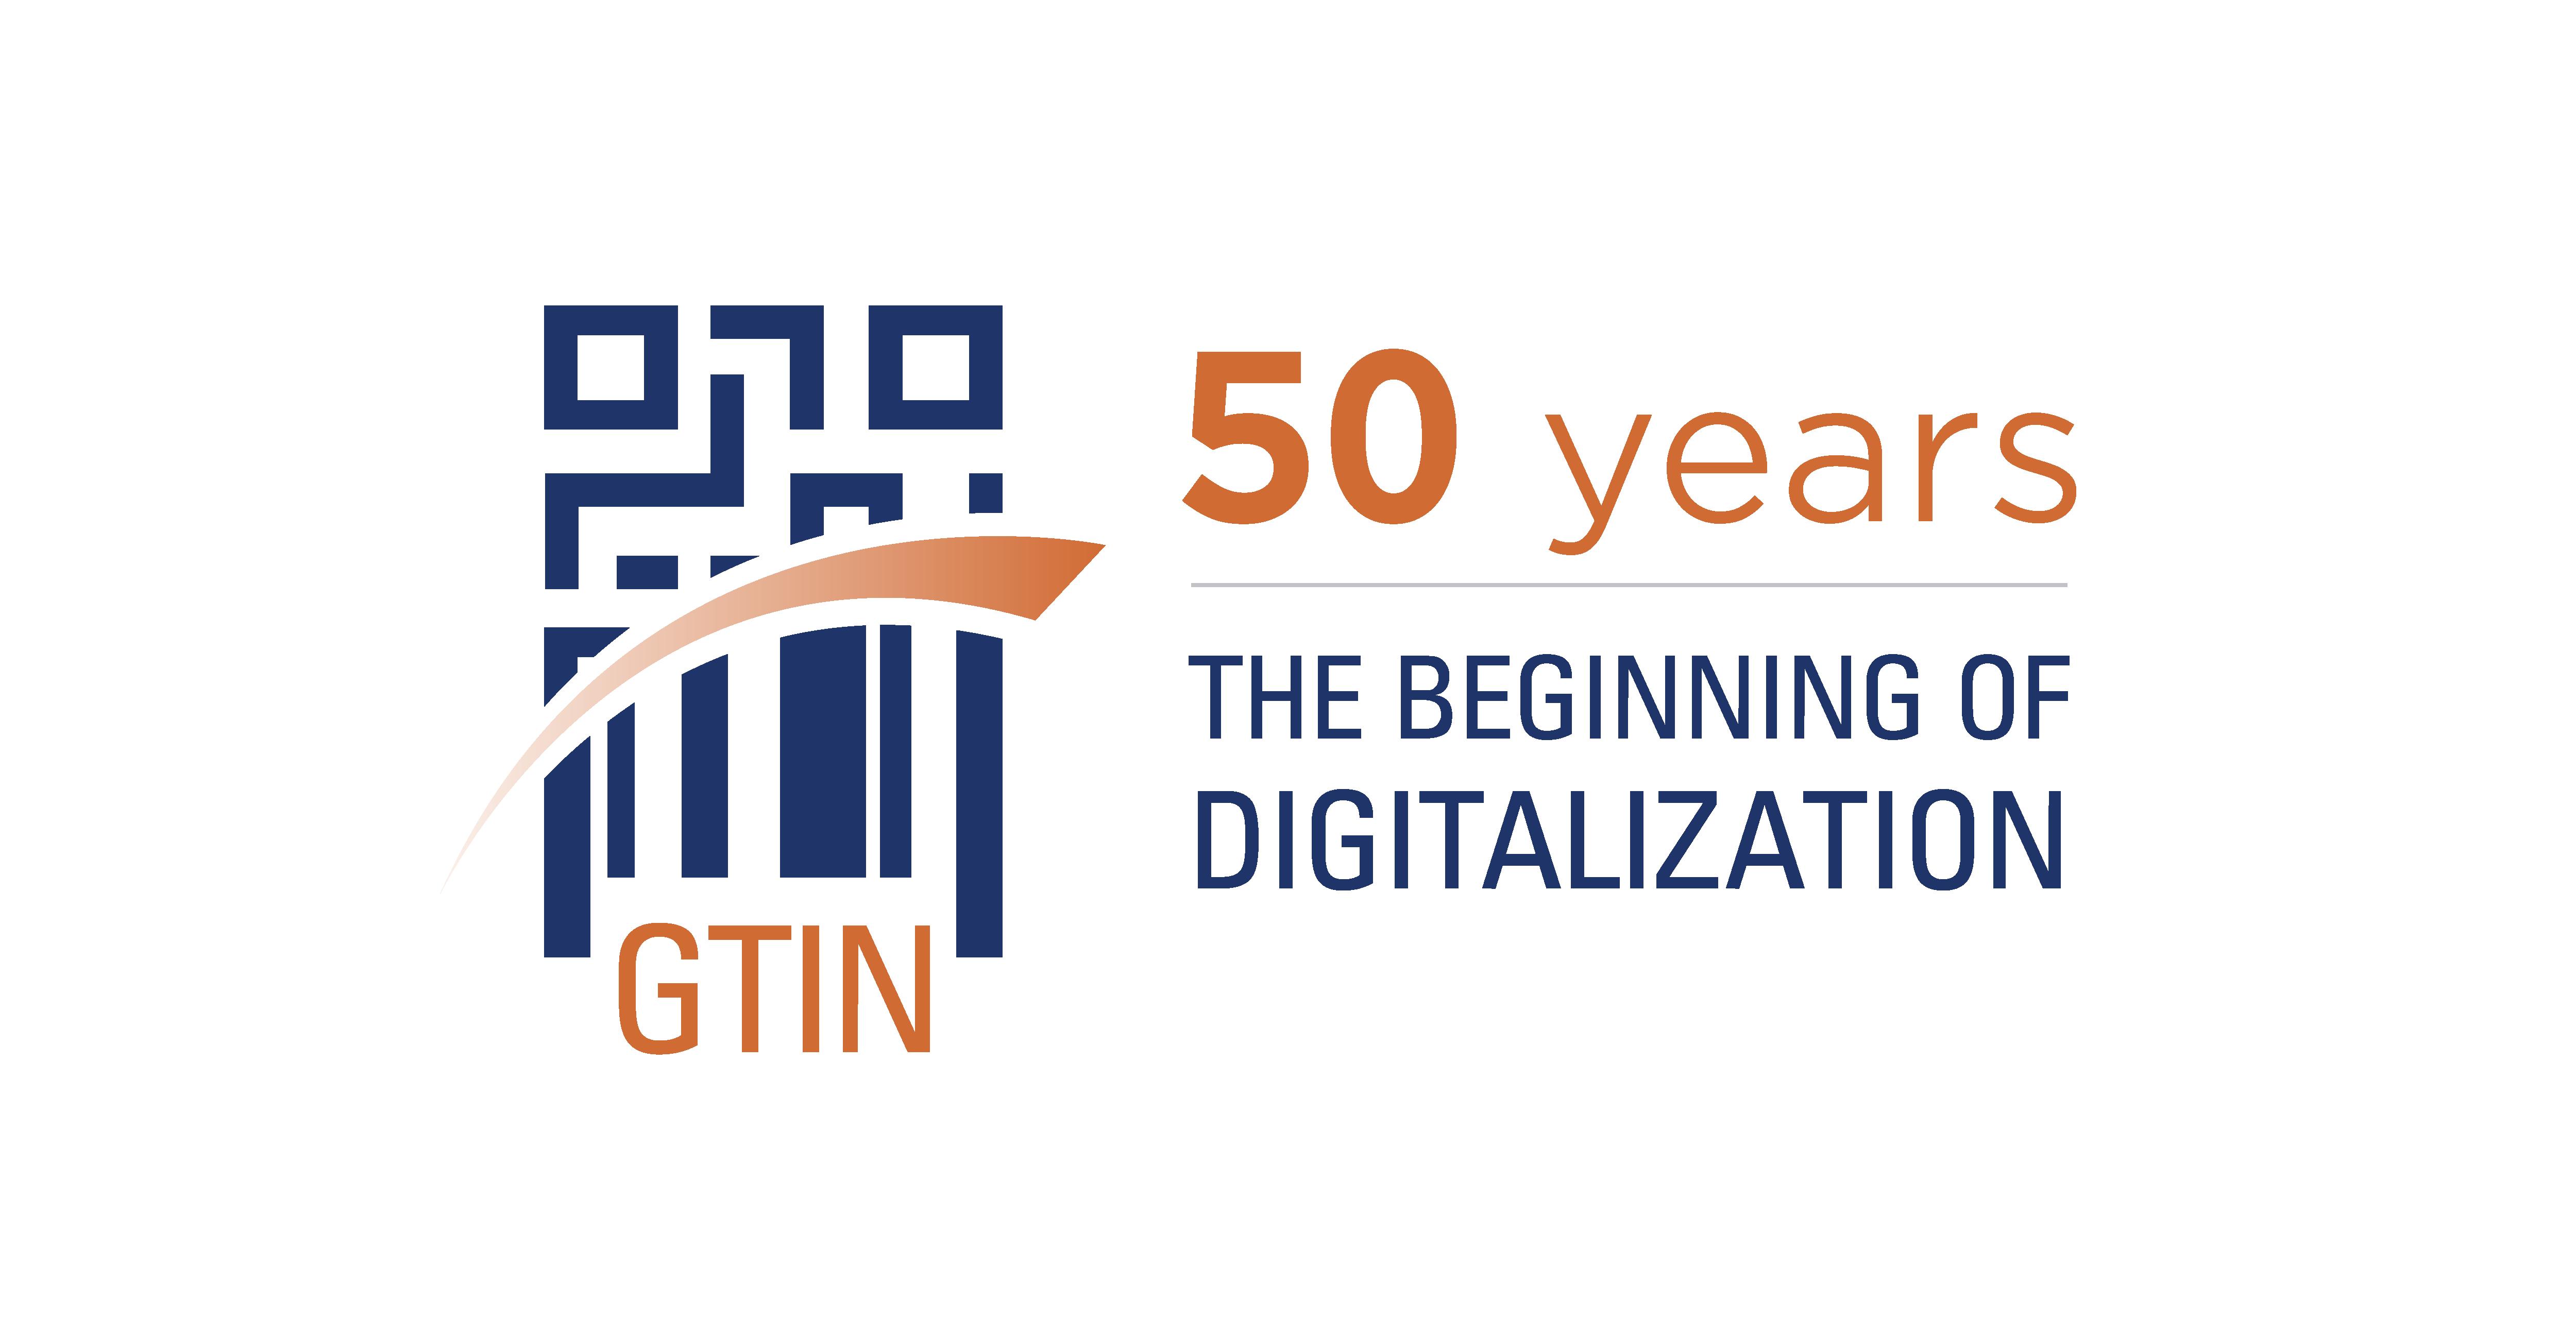 ElGlobal Trade Item Number (GTIN) es un referente de 50 años de colaboración, innovación y liderazgo, con respecto al código de barras.